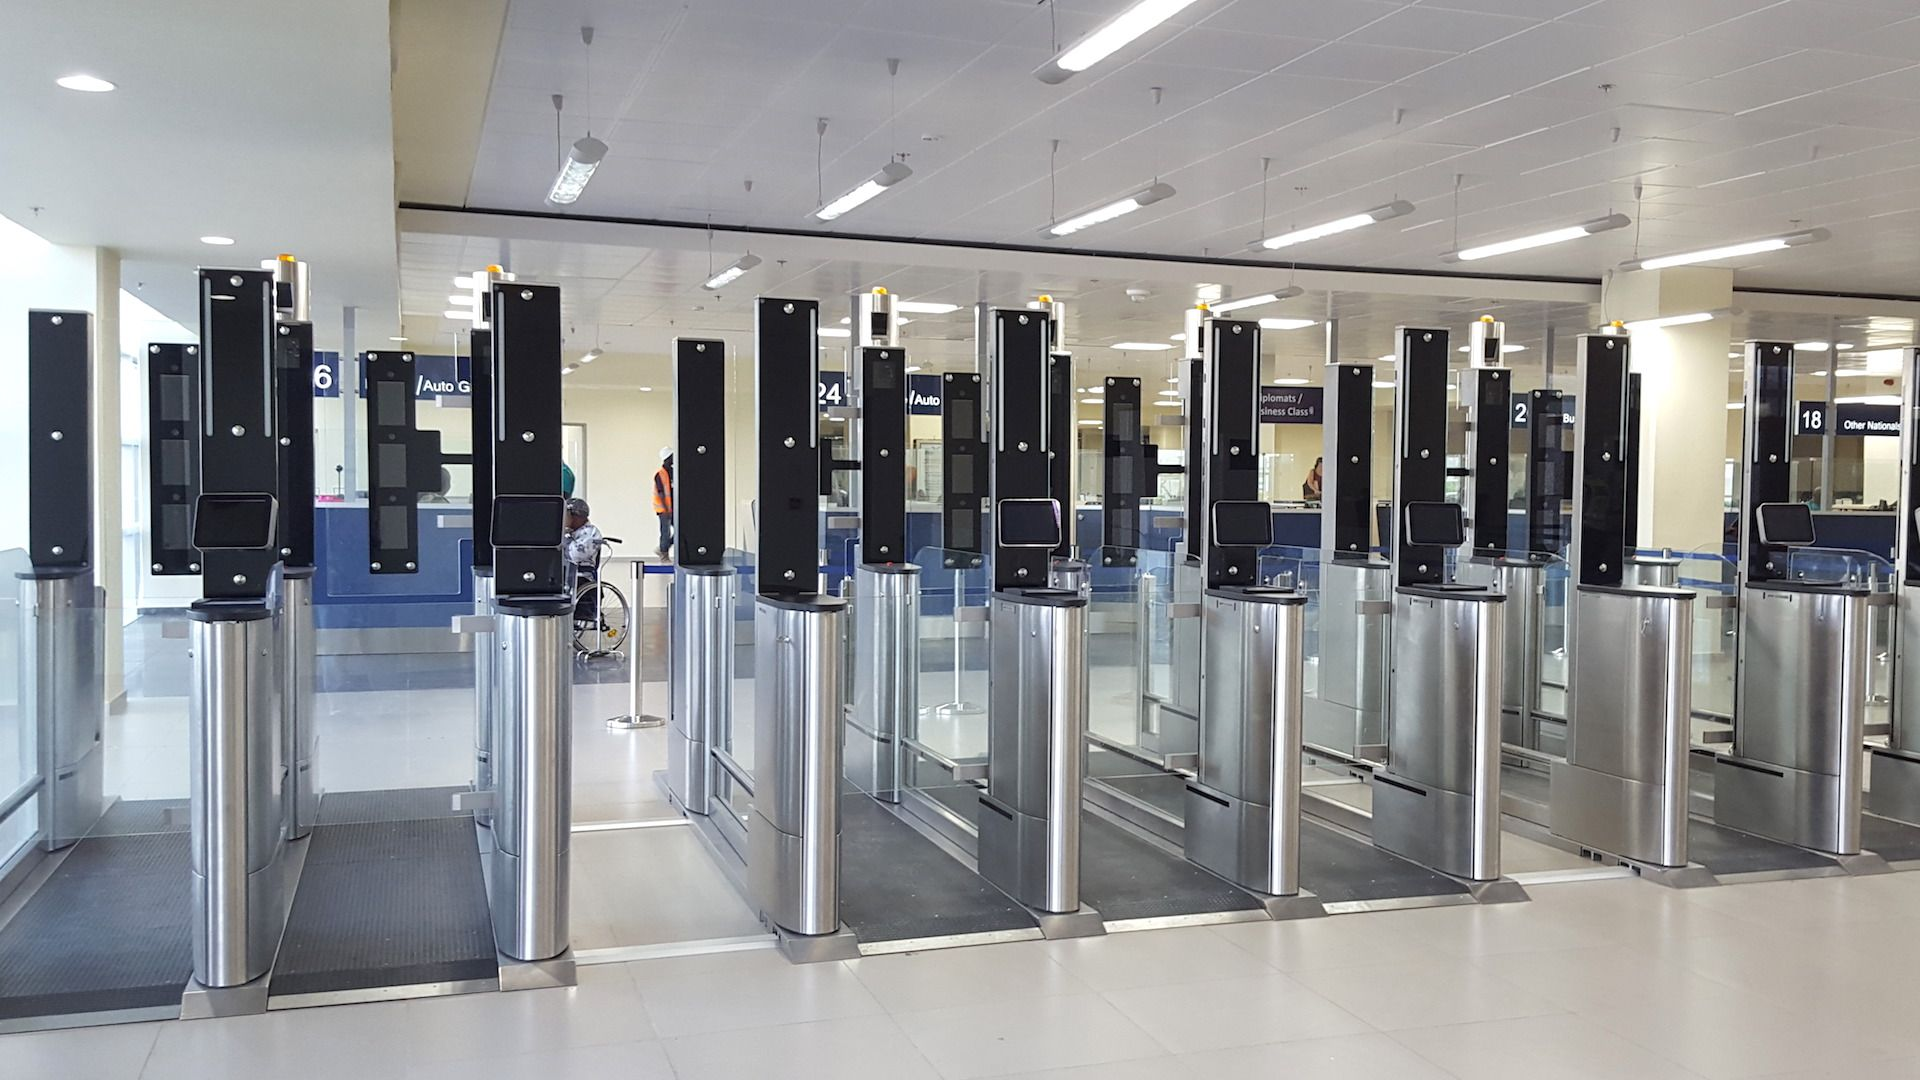 Ya se hacen migraciones en el aeropuerto de Ezeiza con tecnología biométrica